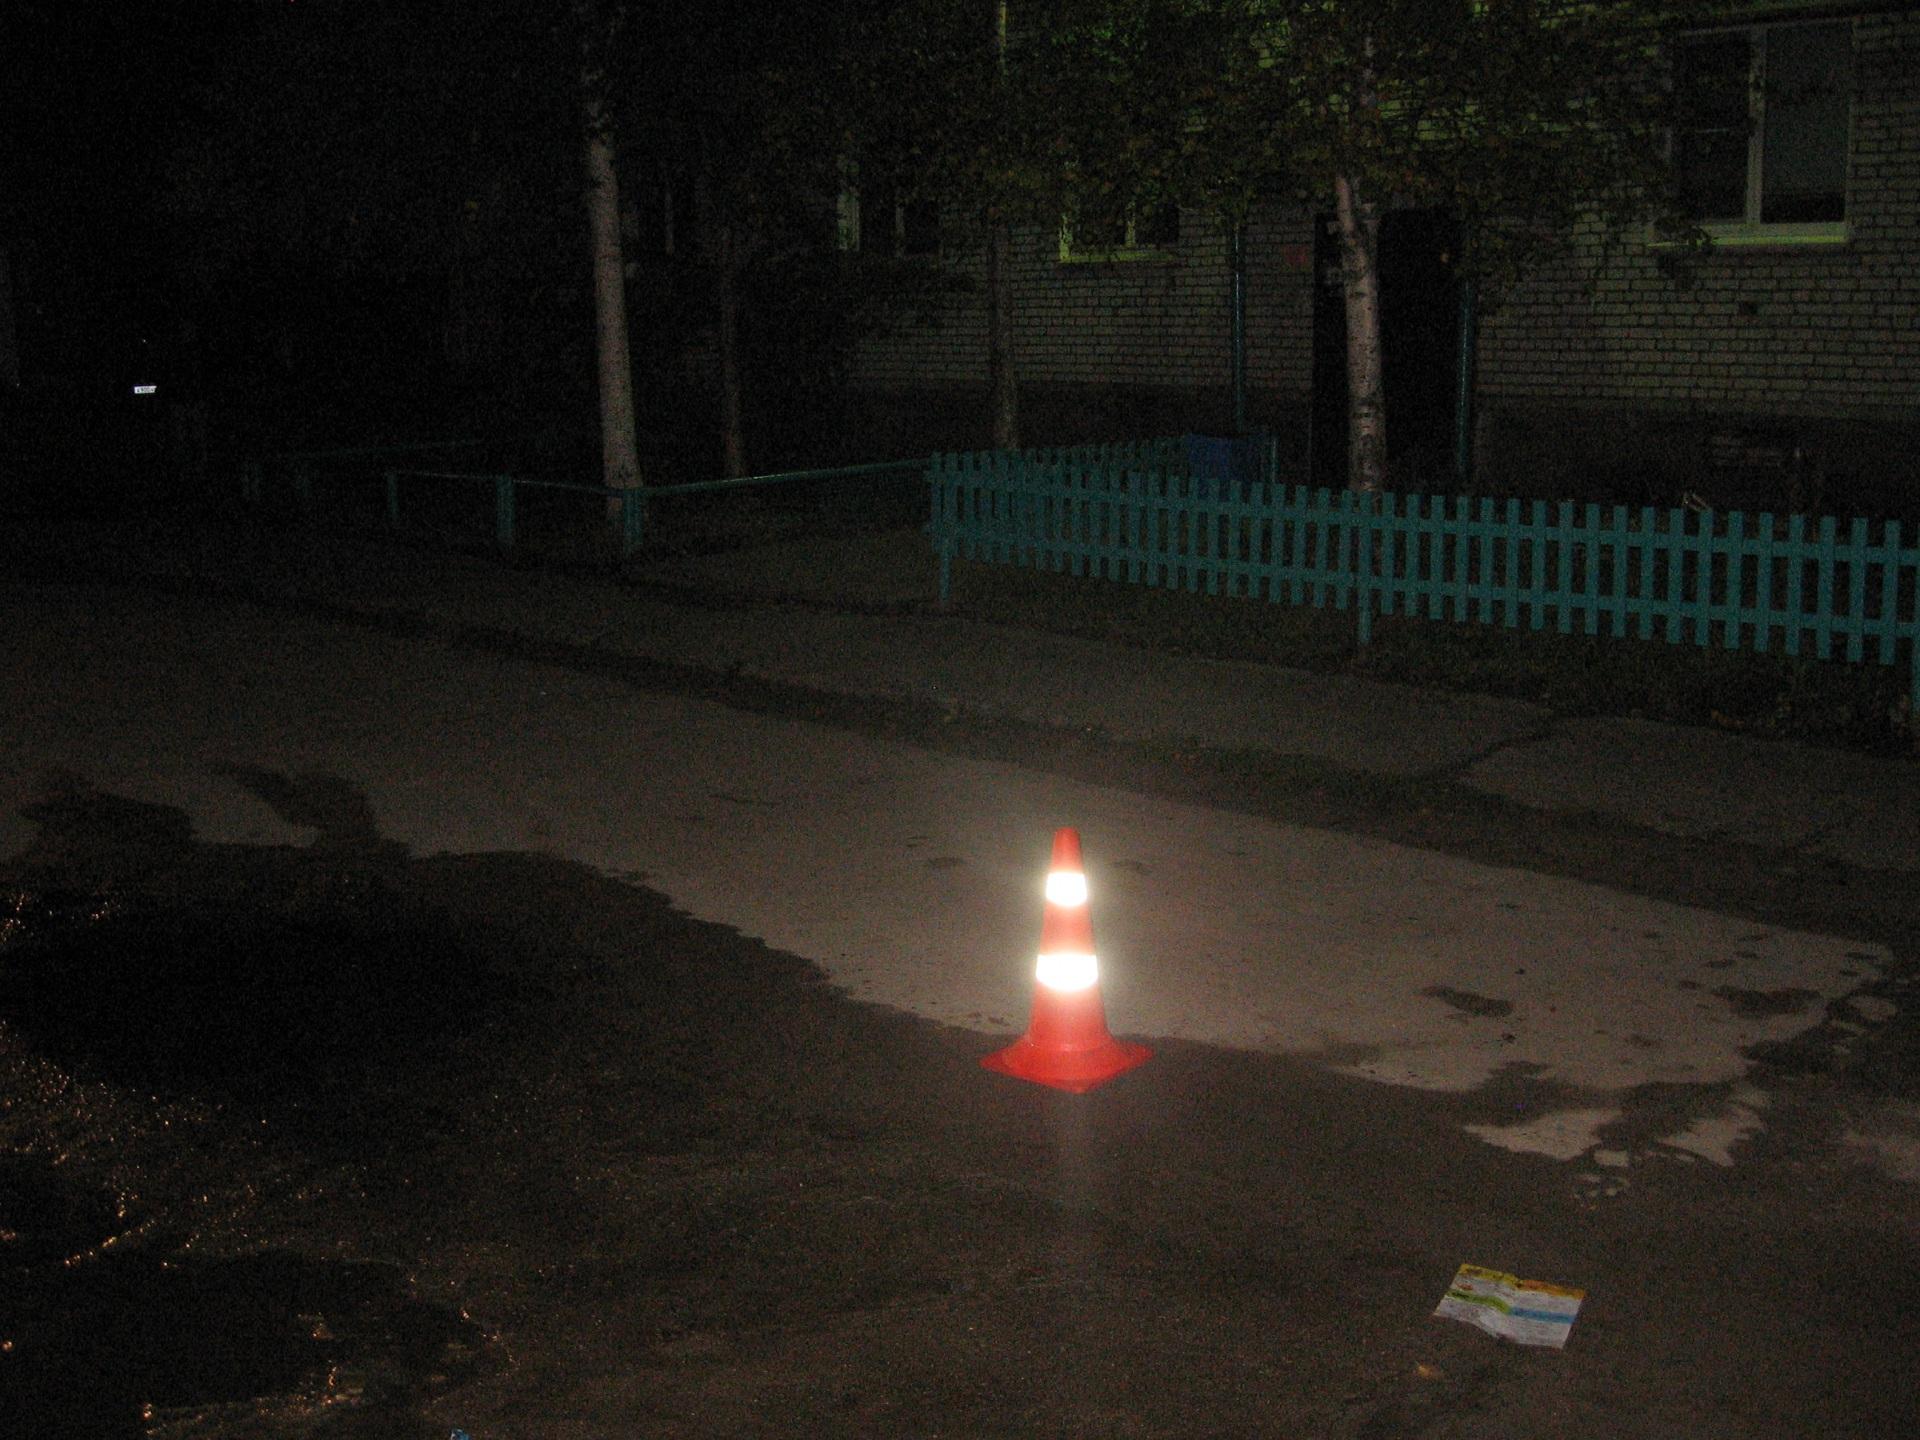 ВКрасноярске сбили 28-летнего мужчину, а потом два раза его переехали